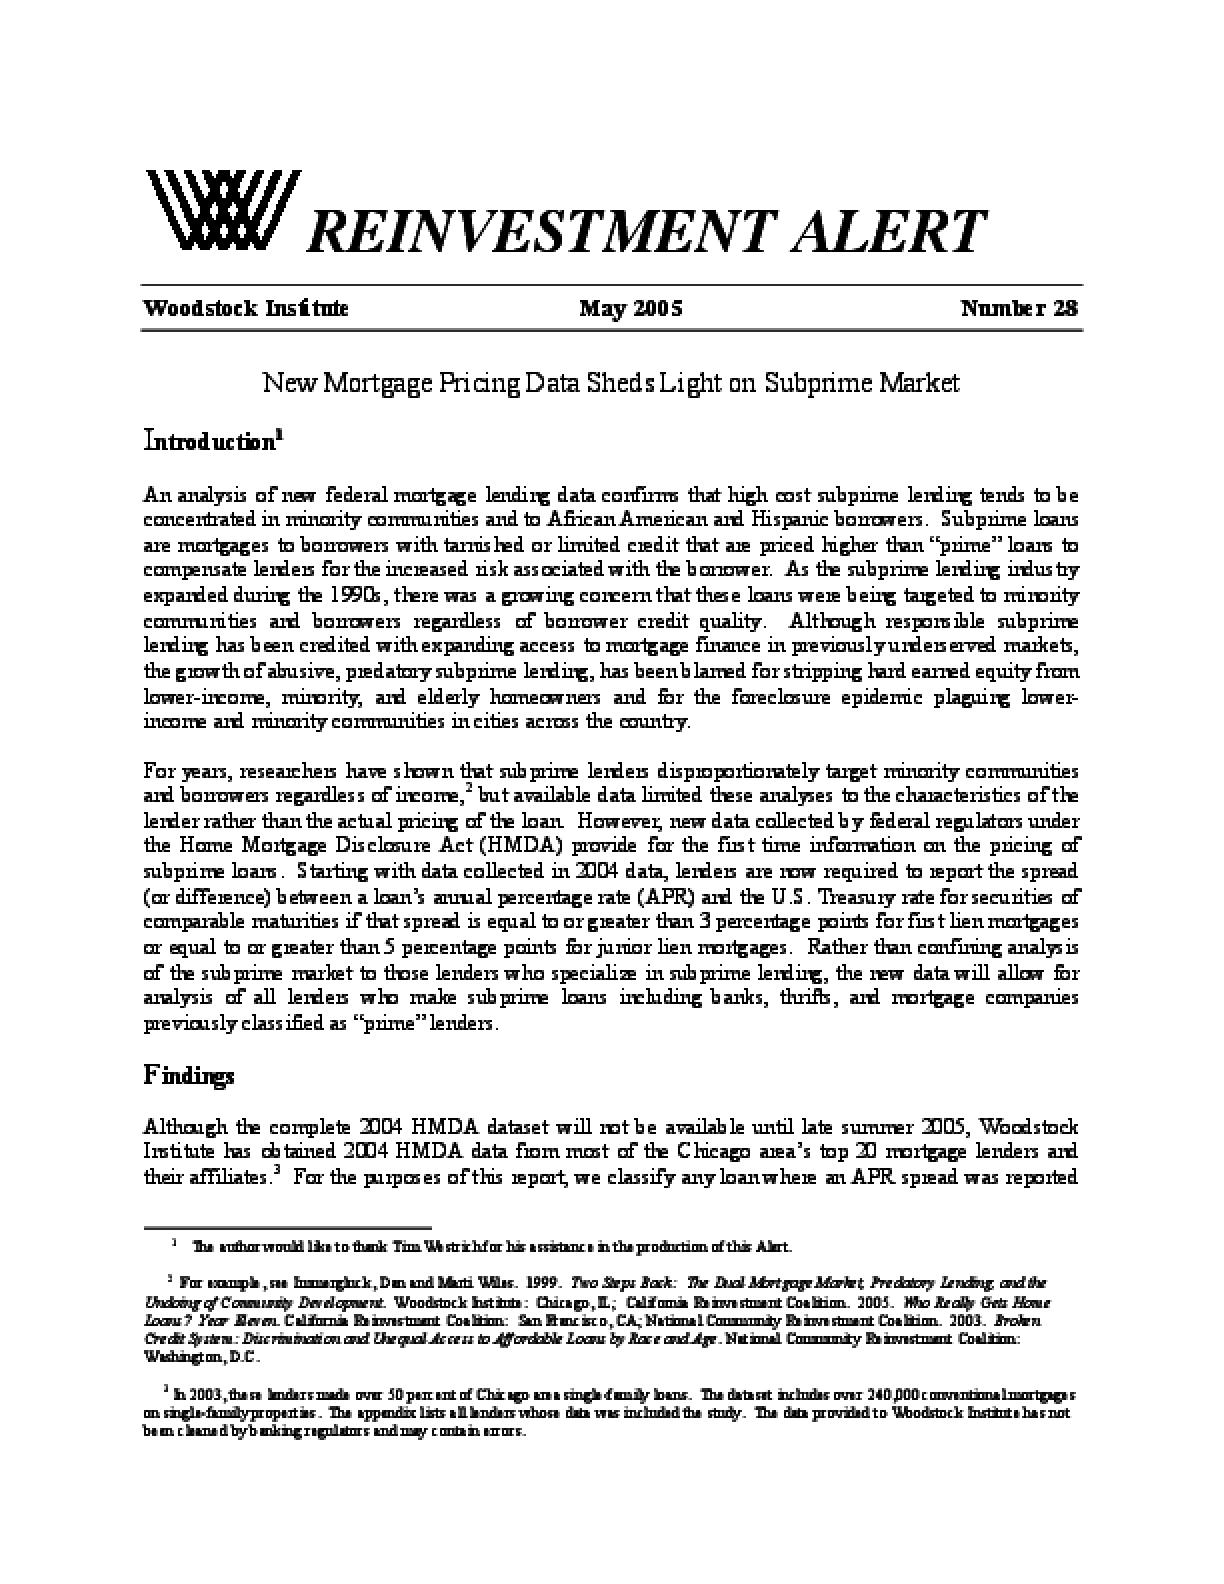 Reinvestment Alert 28 - New Mortgage Pricing Data Sheds Light on Subprime Market